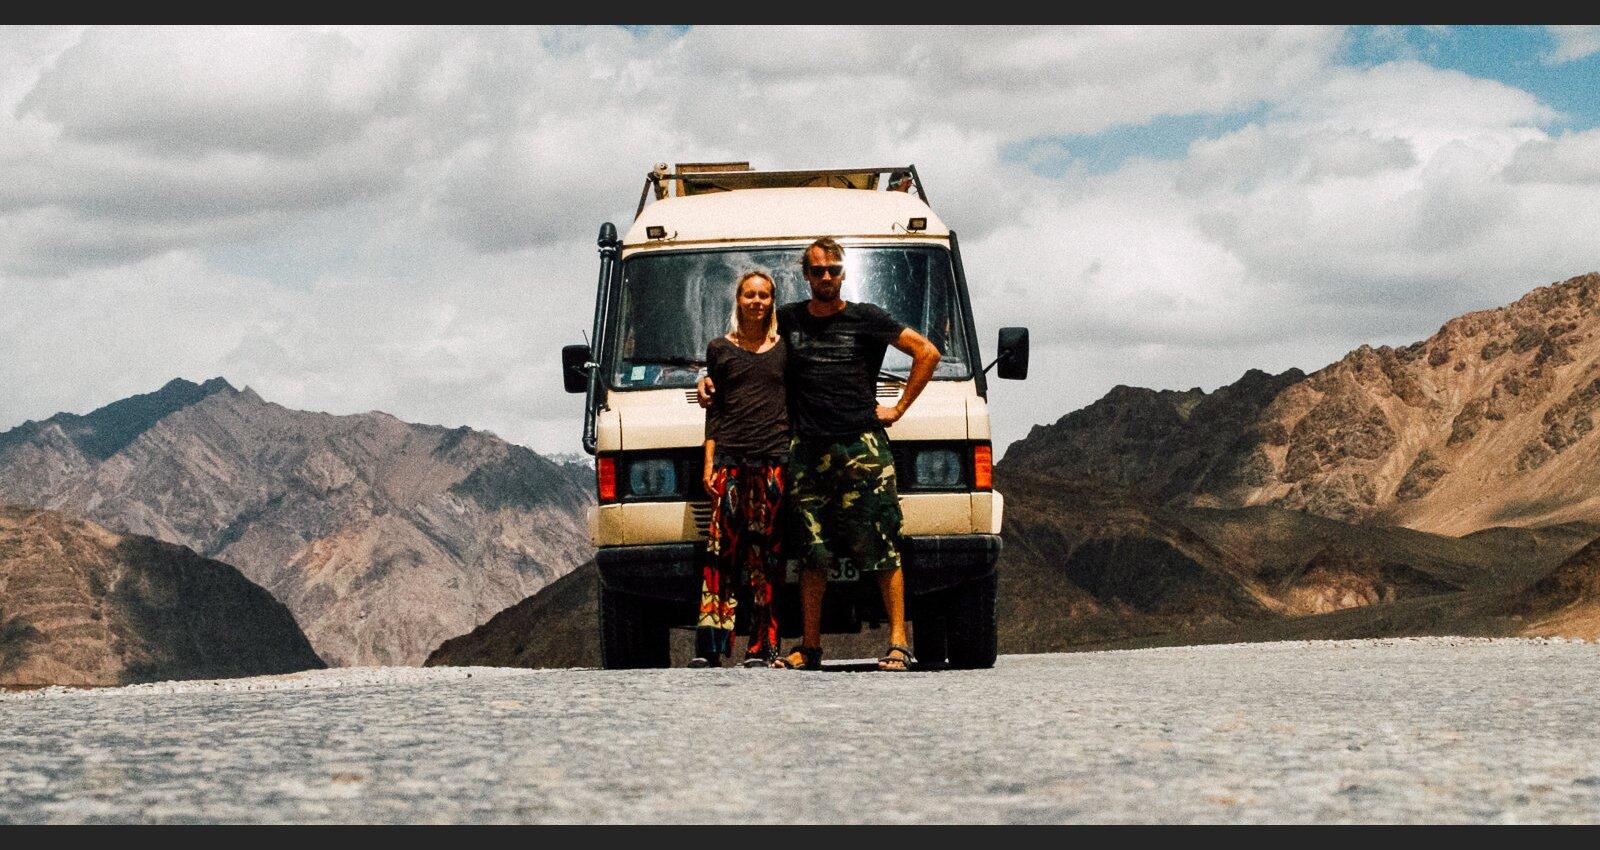 11 mēneši skaistuma, korupcijas un nervus kutinošu situāciju Centrālāzijā